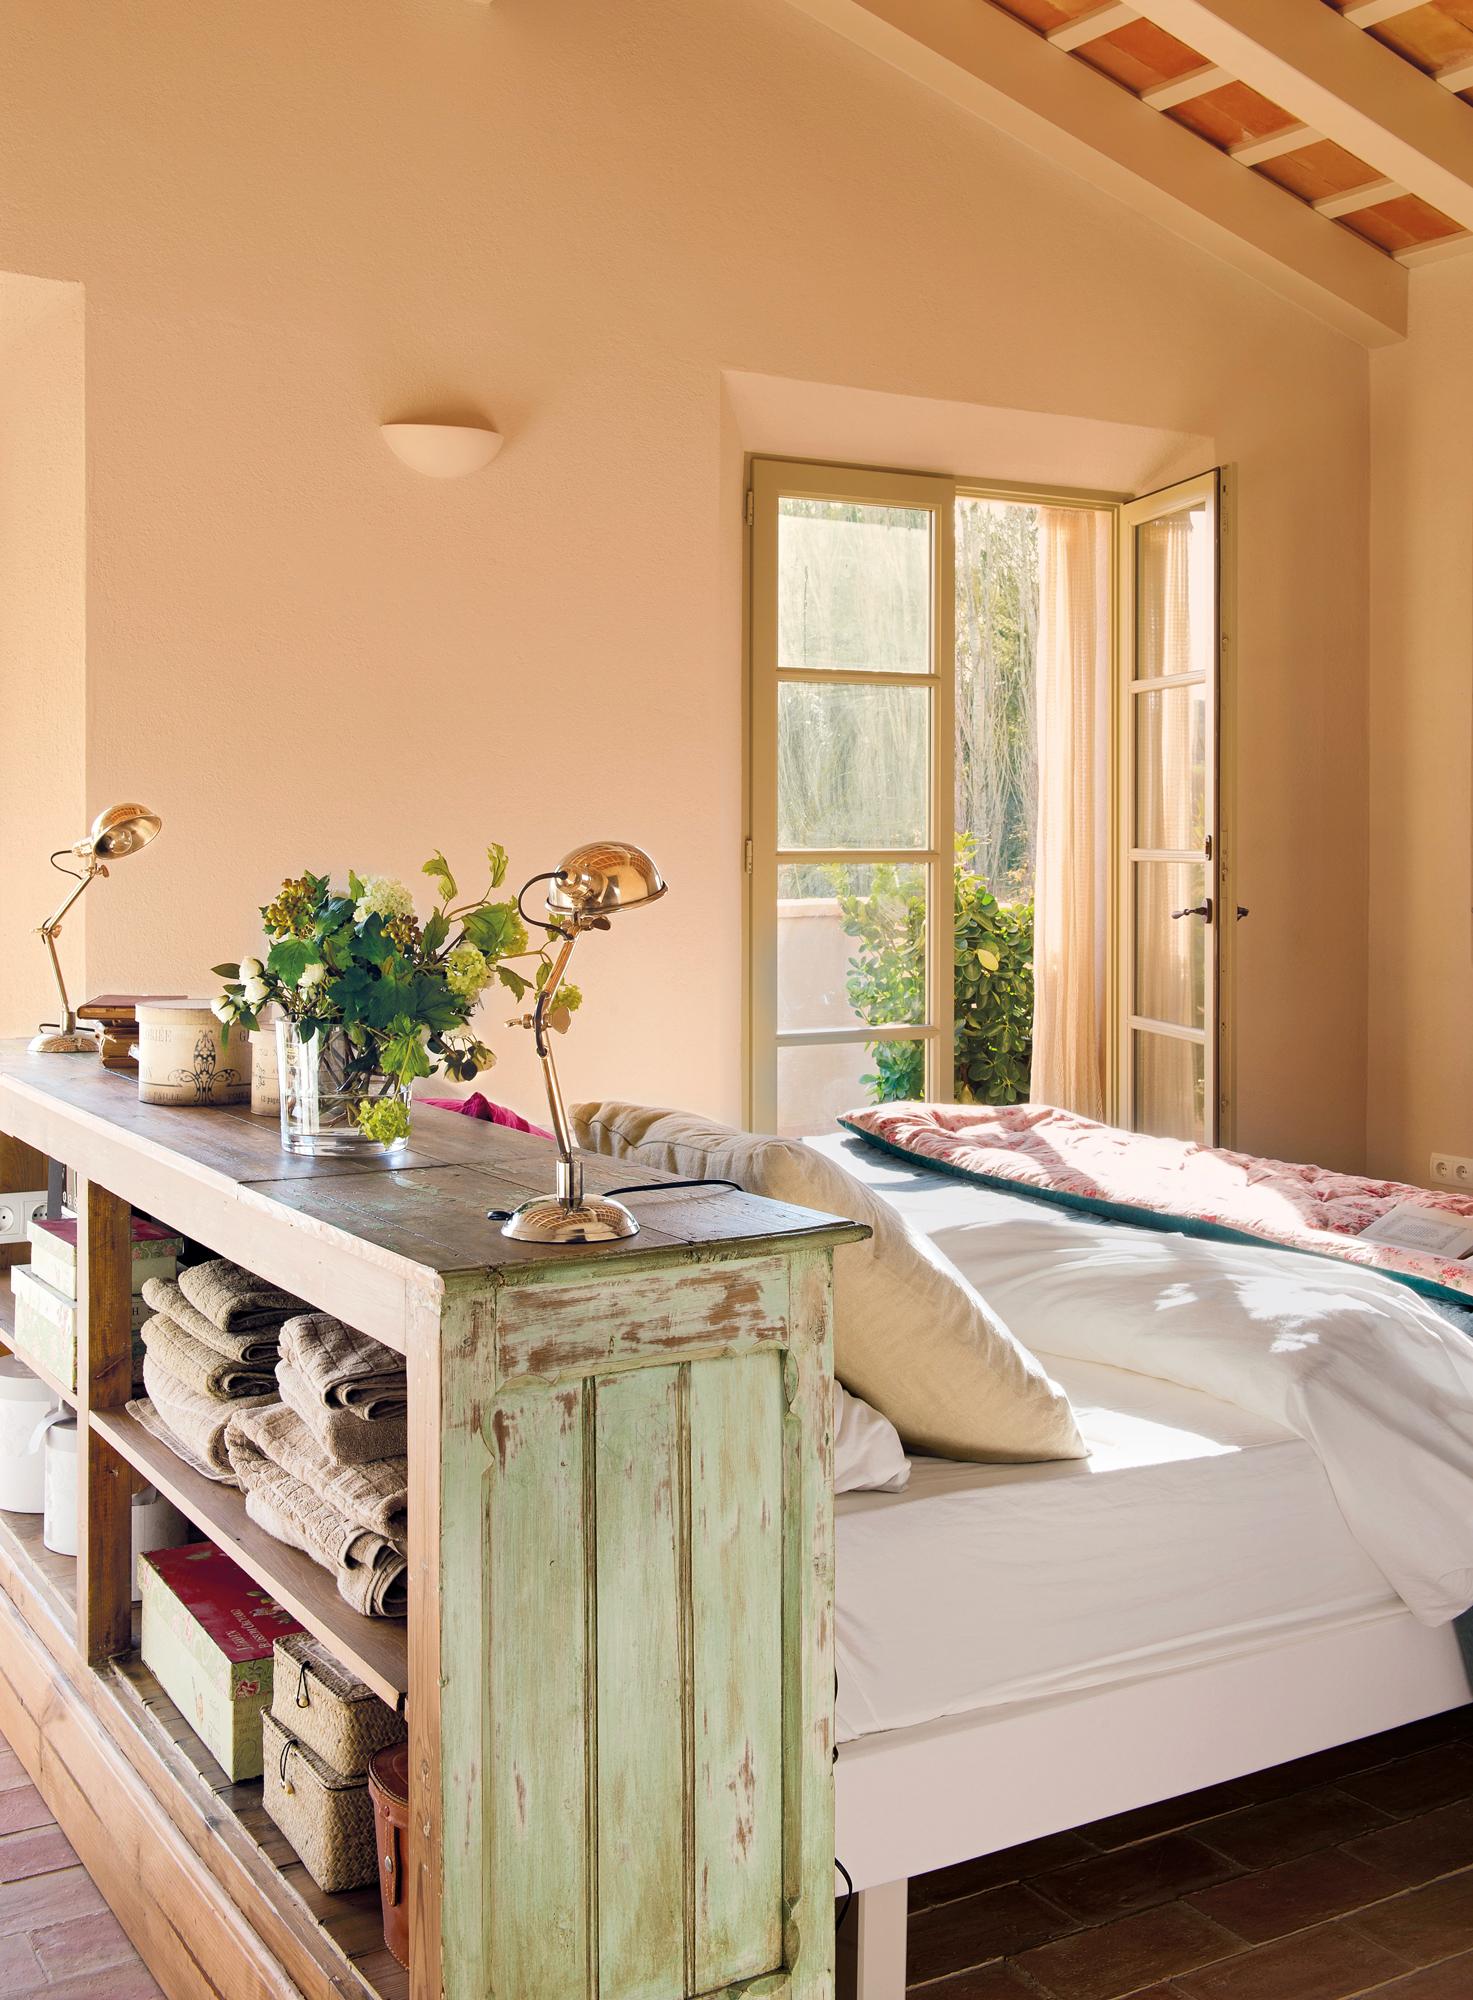 Muebles vers tiles con doble funci n ideales para espacios for Mueble que se convierte en cama